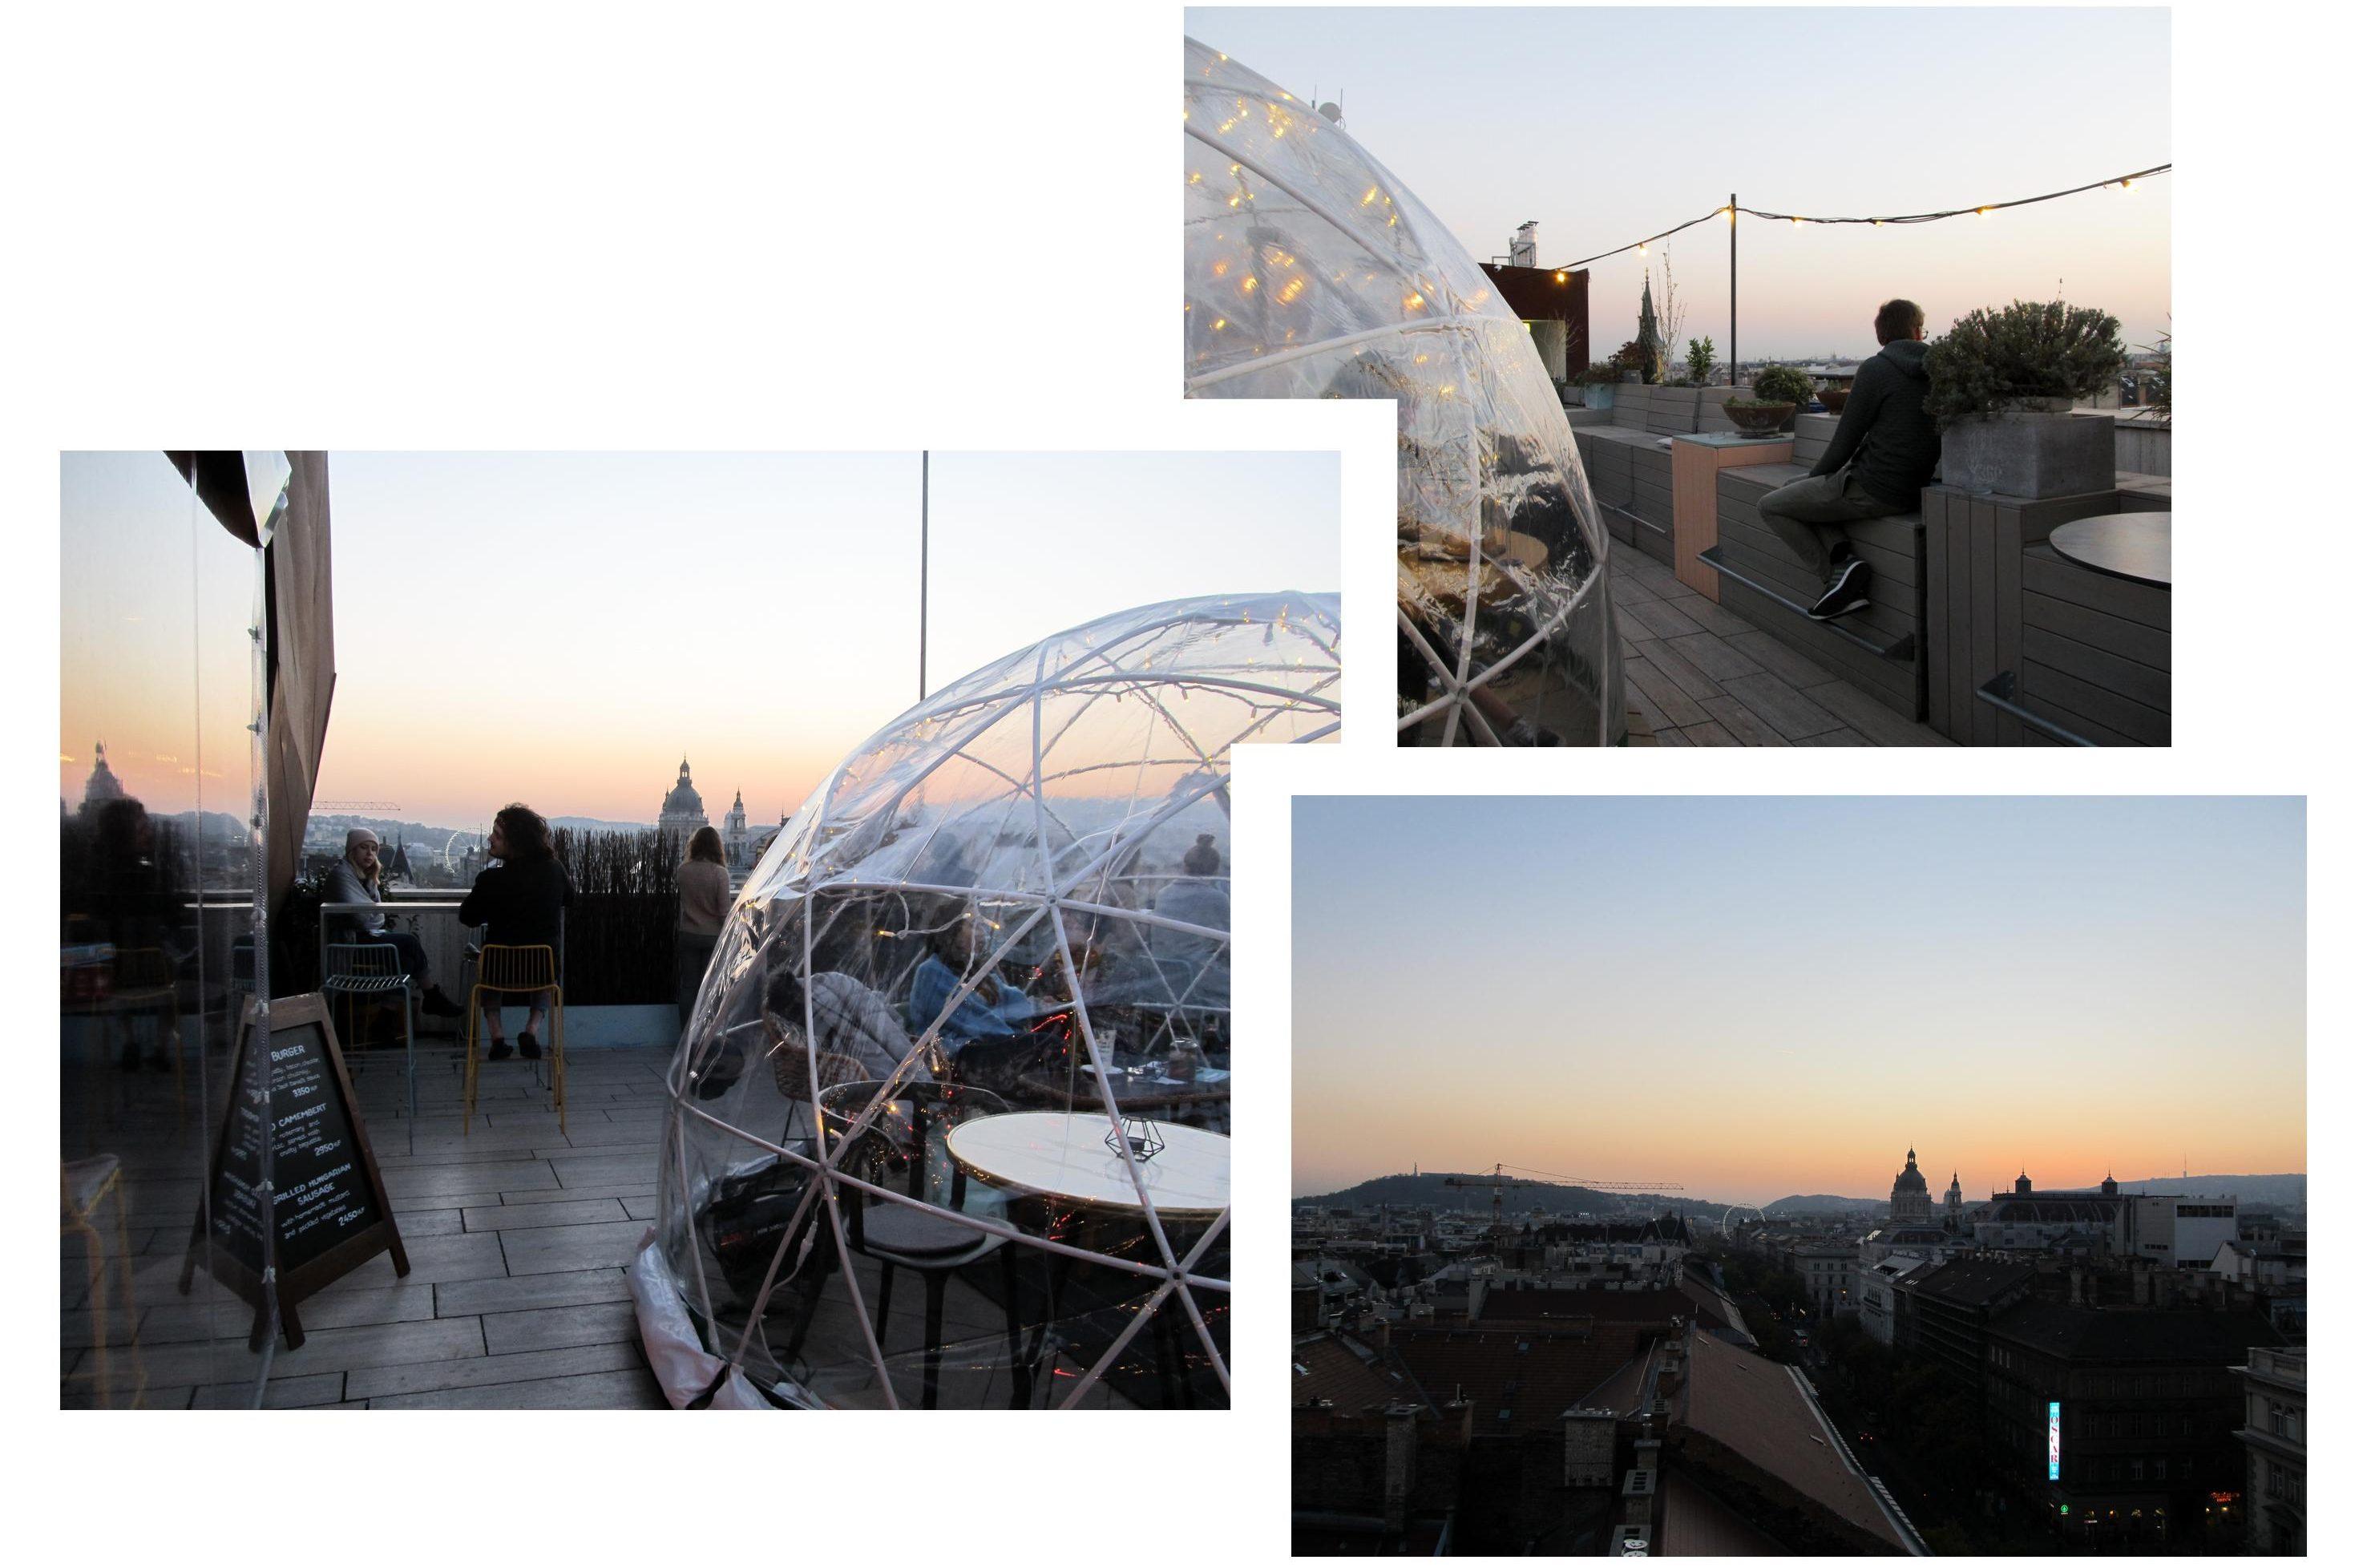 360 Bar (rooftop) : Restaurants, bars, cafés, ... voici un petit guide des bonnes adresses à Budapest pour vous aider lors de votre séjour dans la capitale hongroise.